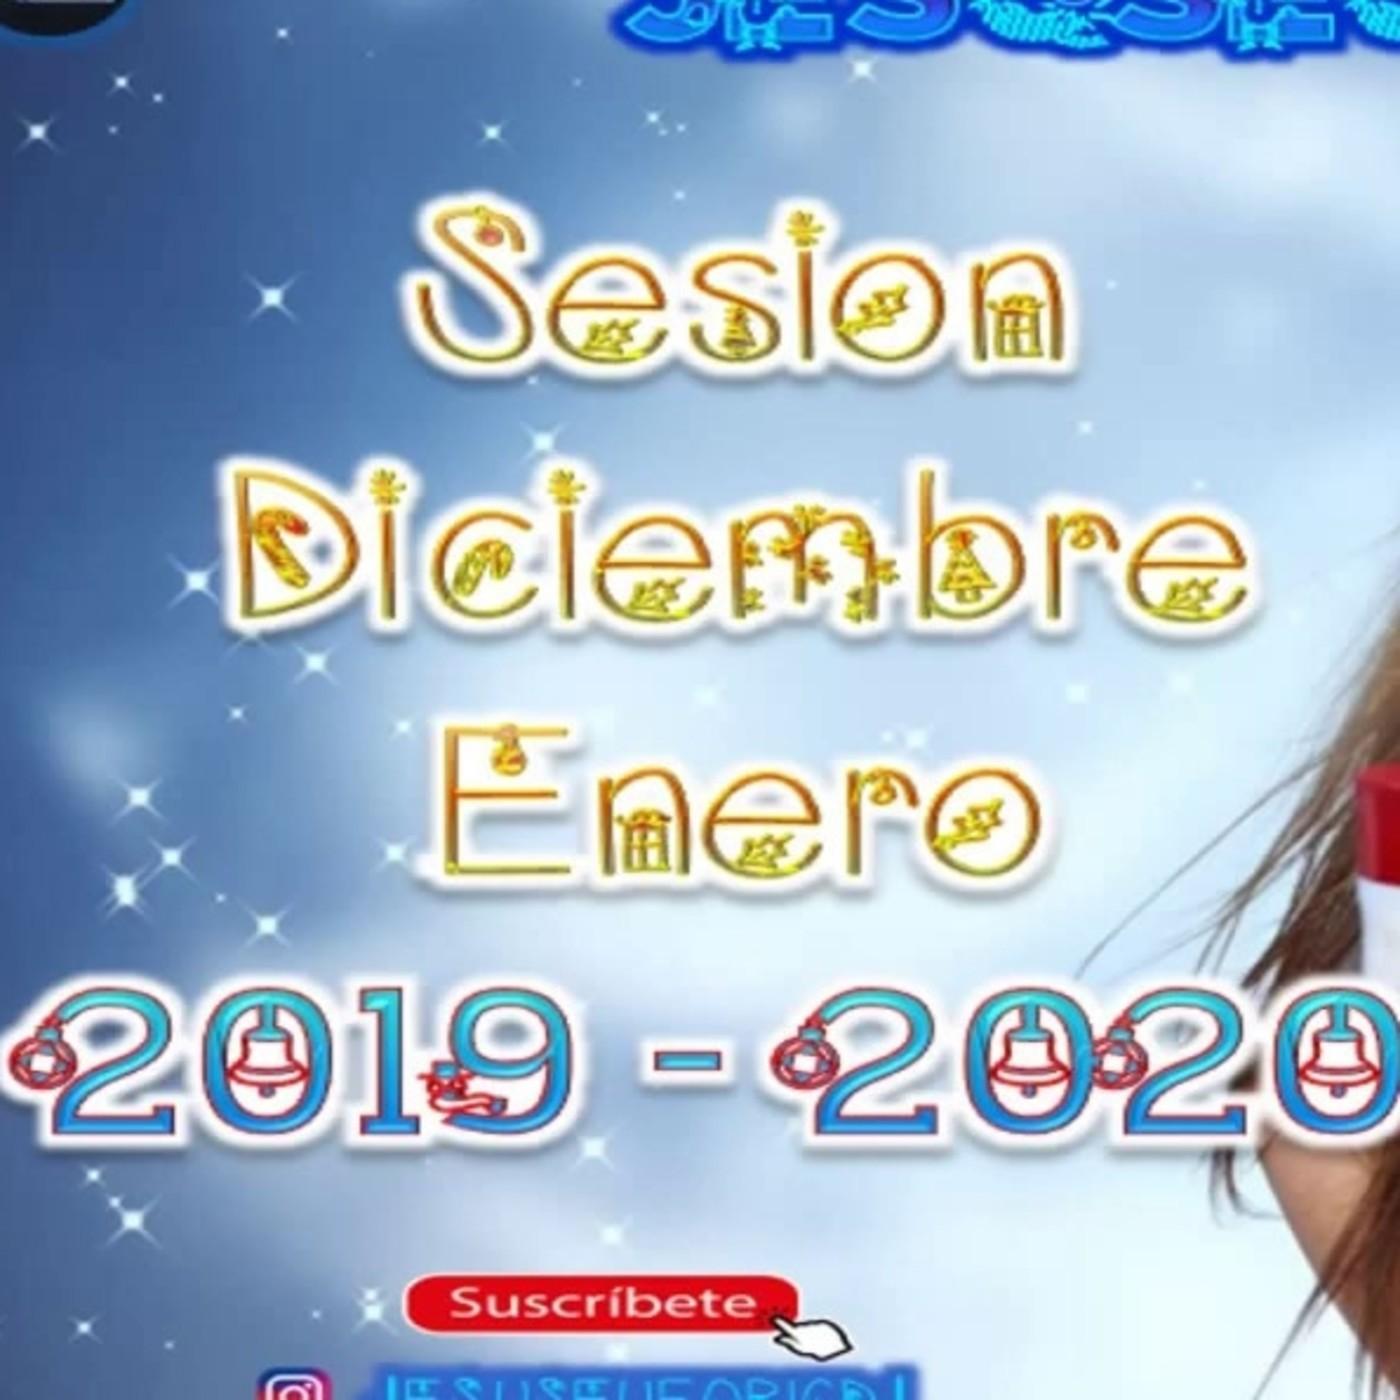 sesion-reggaeton-diciembre-2019